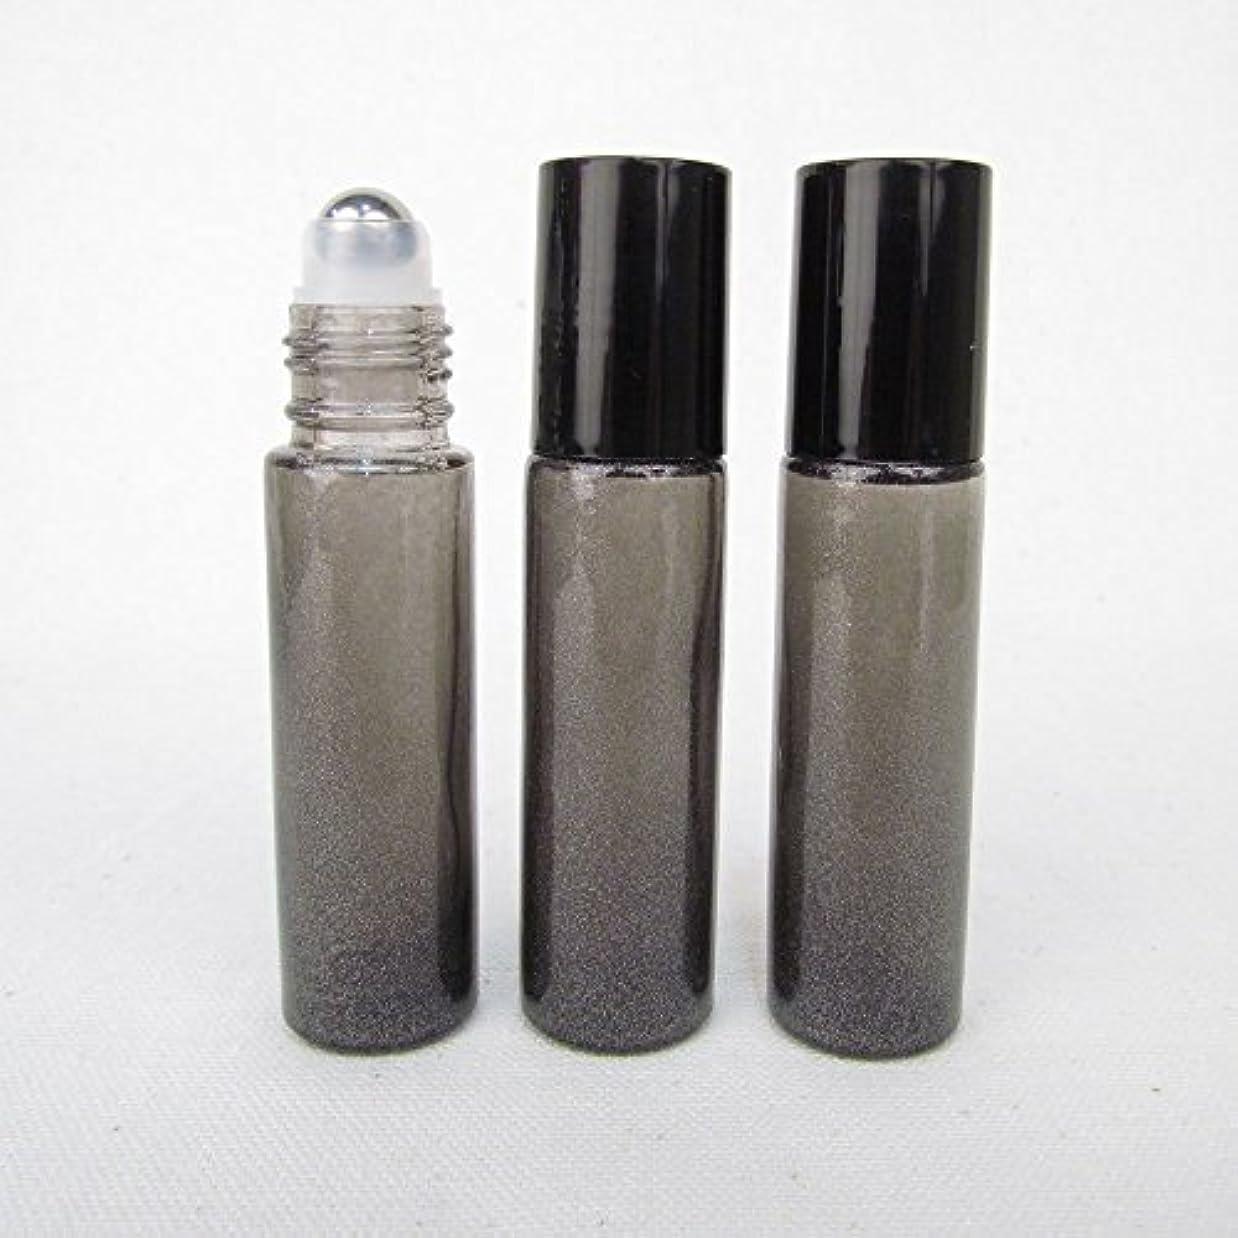 小切手中断長方形Set of 3 Granite Gray Color 10ml Roll on Bottle with Stainless Steel Ball for Essential Oil Products by Rivertree...